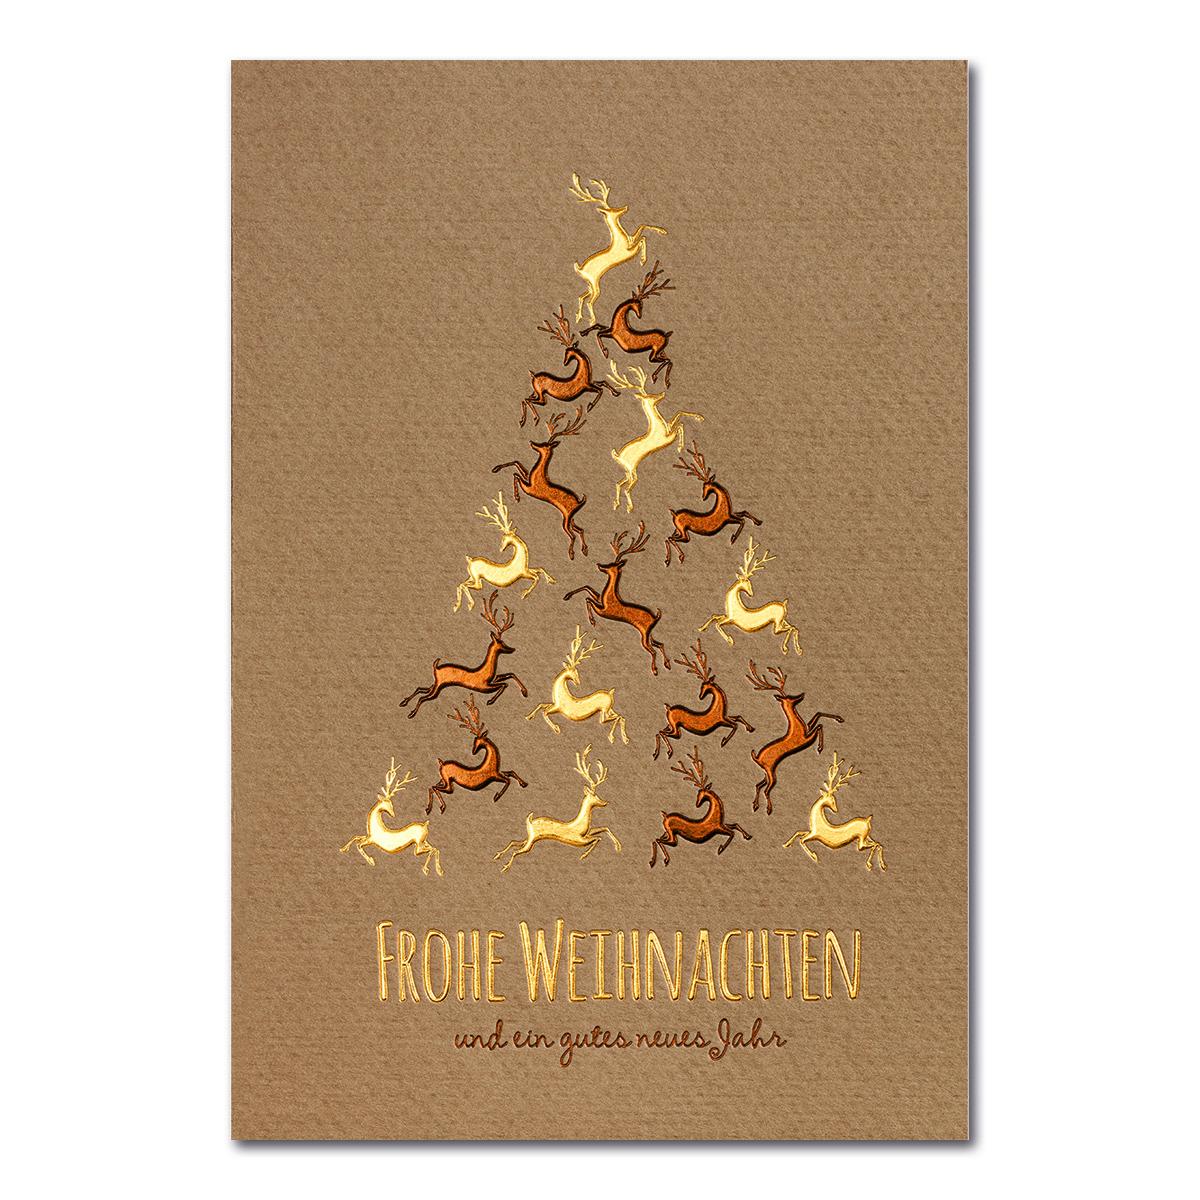 weihnachtskarte brauner kokarton folienpr gung gold und. Black Bedroom Furniture Sets. Home Design Ideas